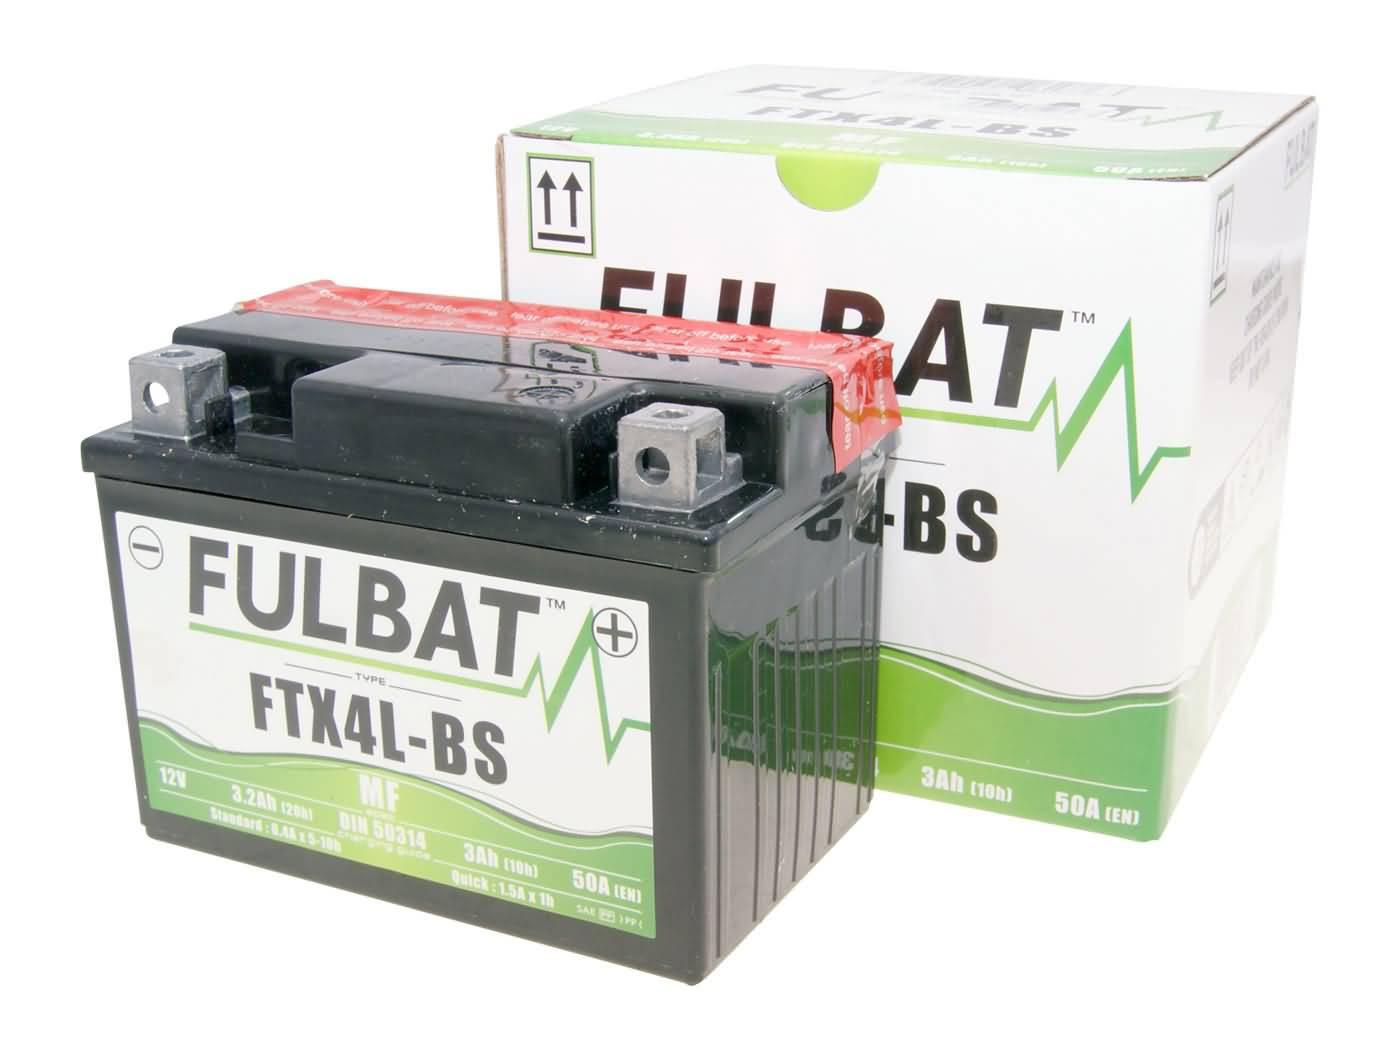 Fulbat FTX4L-BS MF gondozásmentes akkumulátor